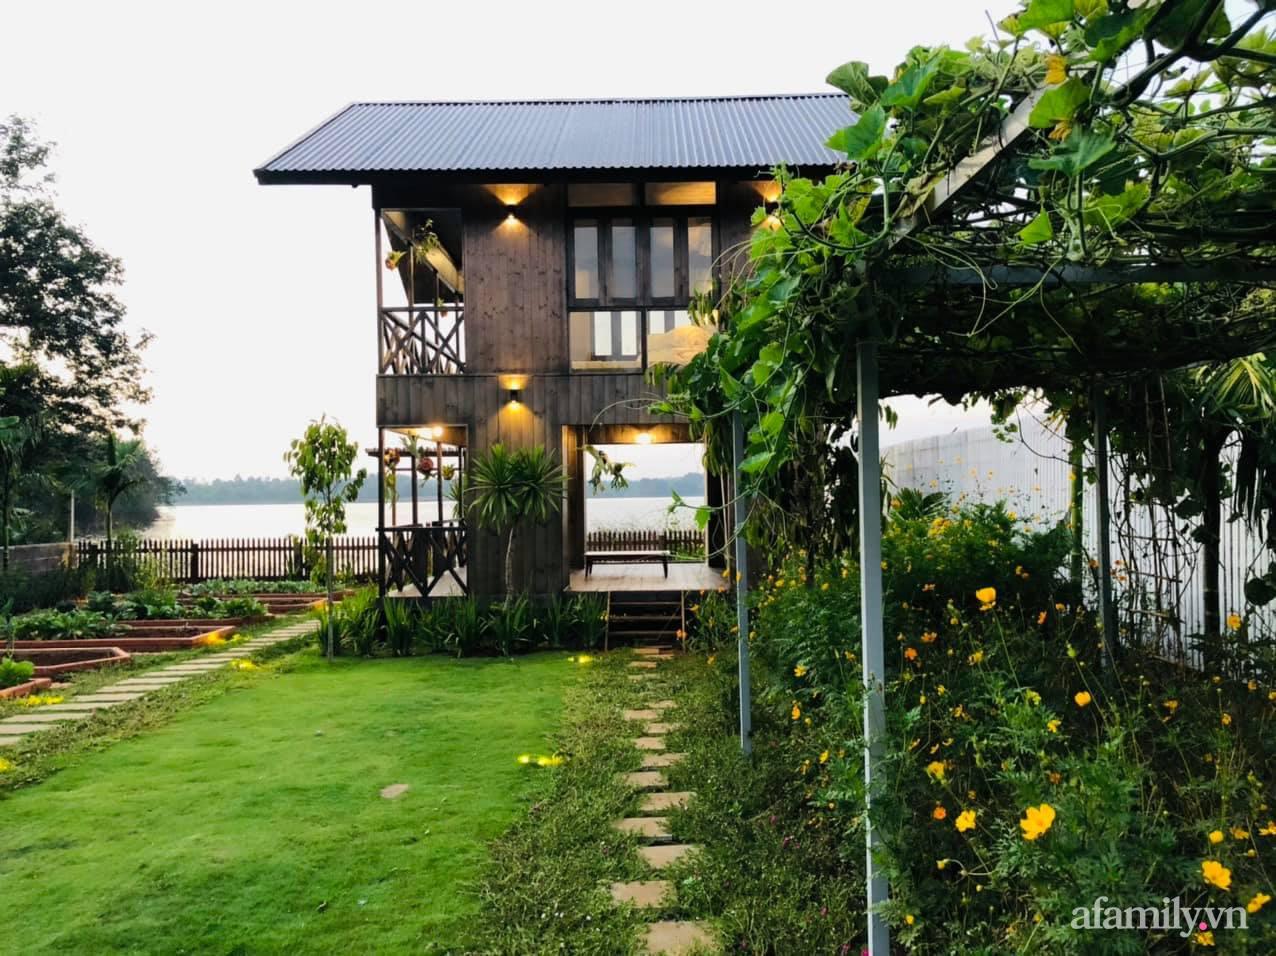 Căn nhà gỗ bình yên hướng tầm nhìn ra hồ nước trong veo, thơ mộng ở Buôn Mê Thuột - Ảnh 5.